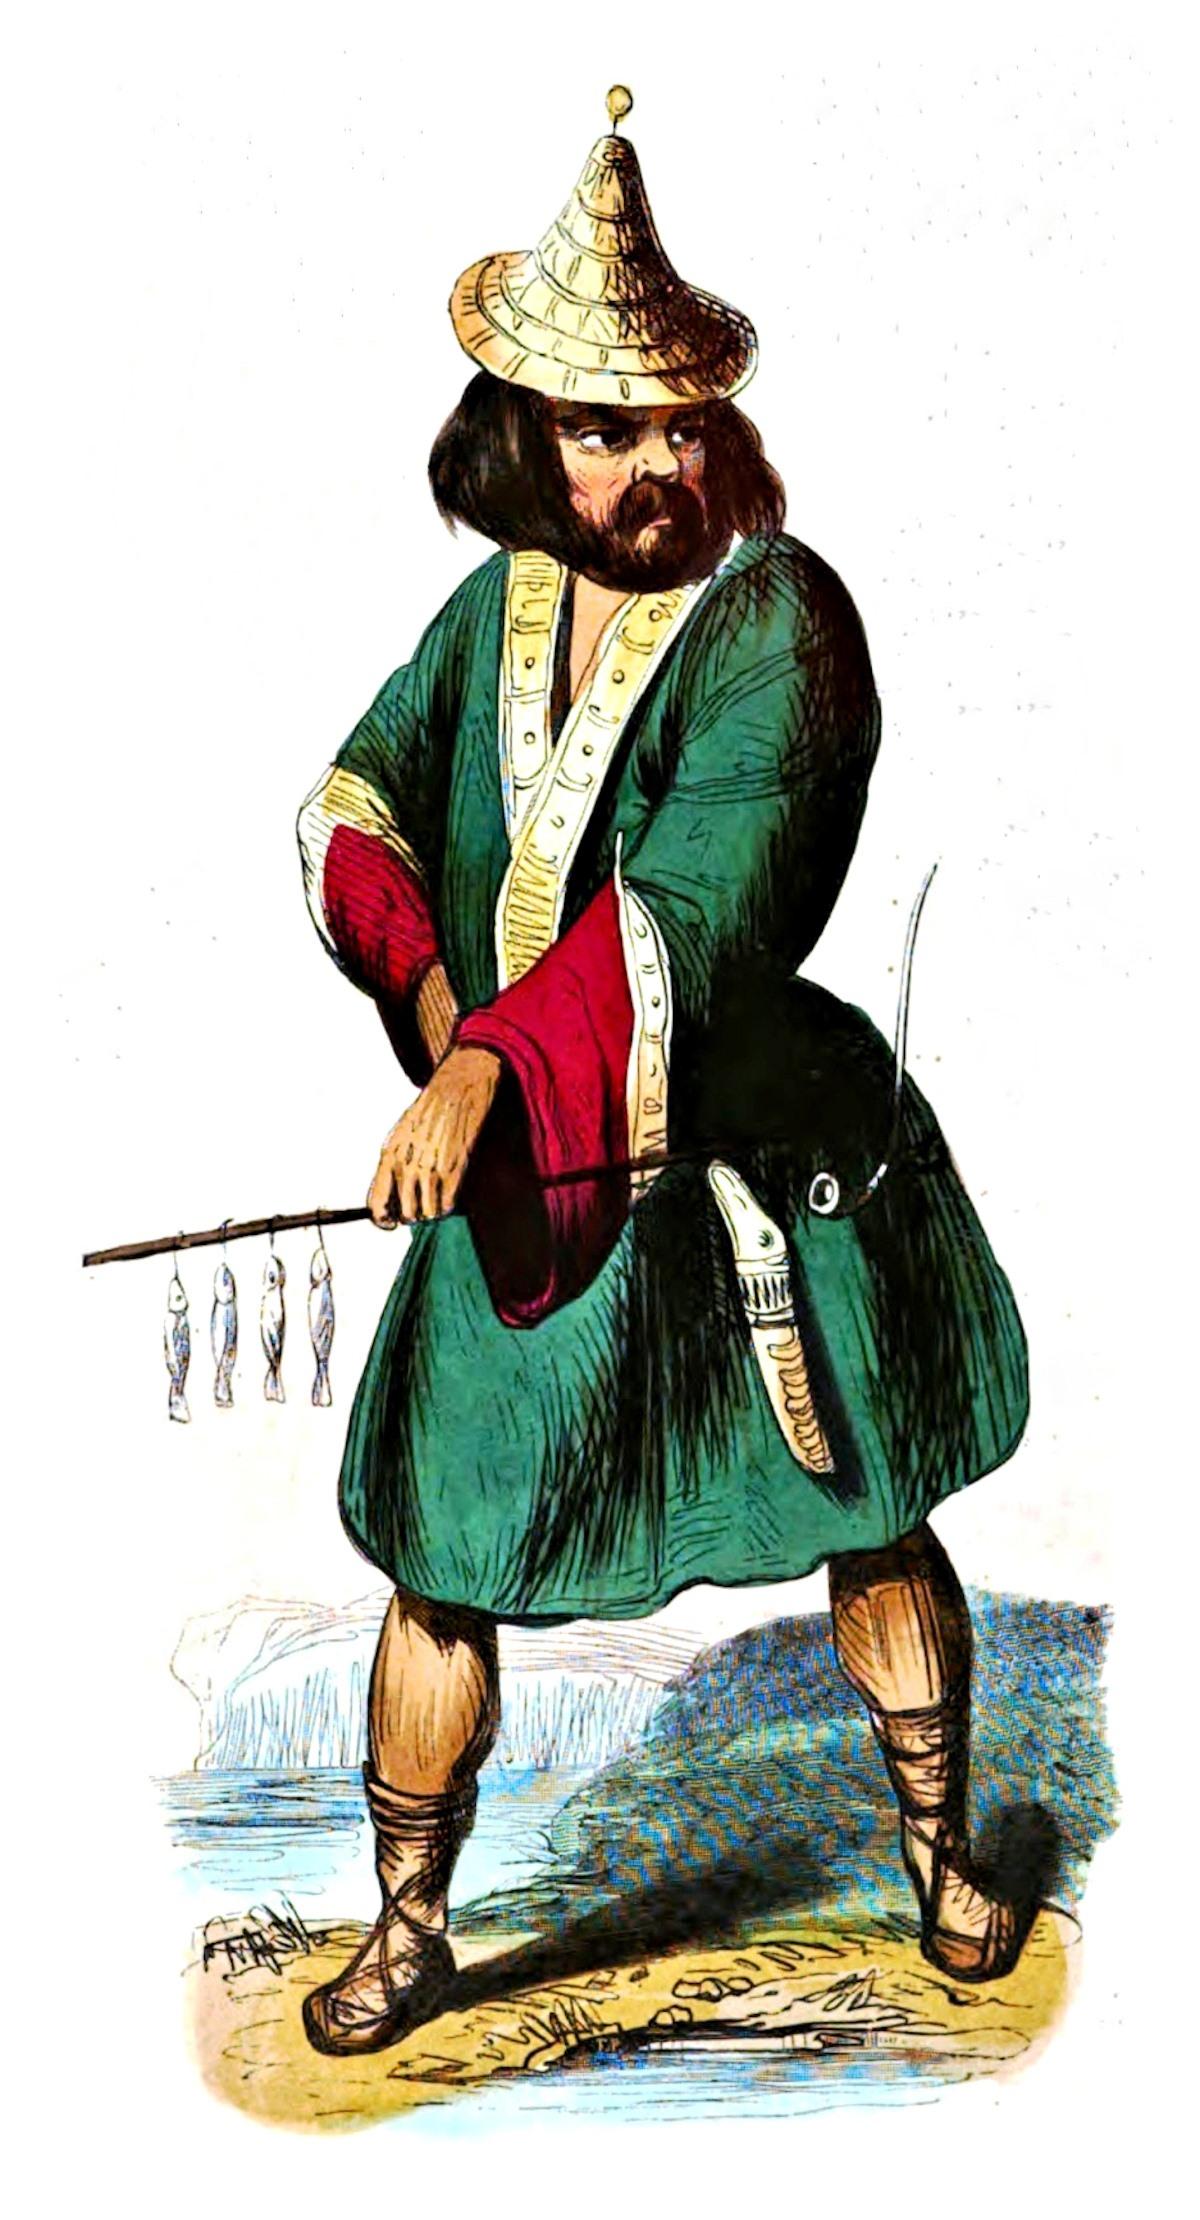 00 S Markaert. Ainu. 1843.